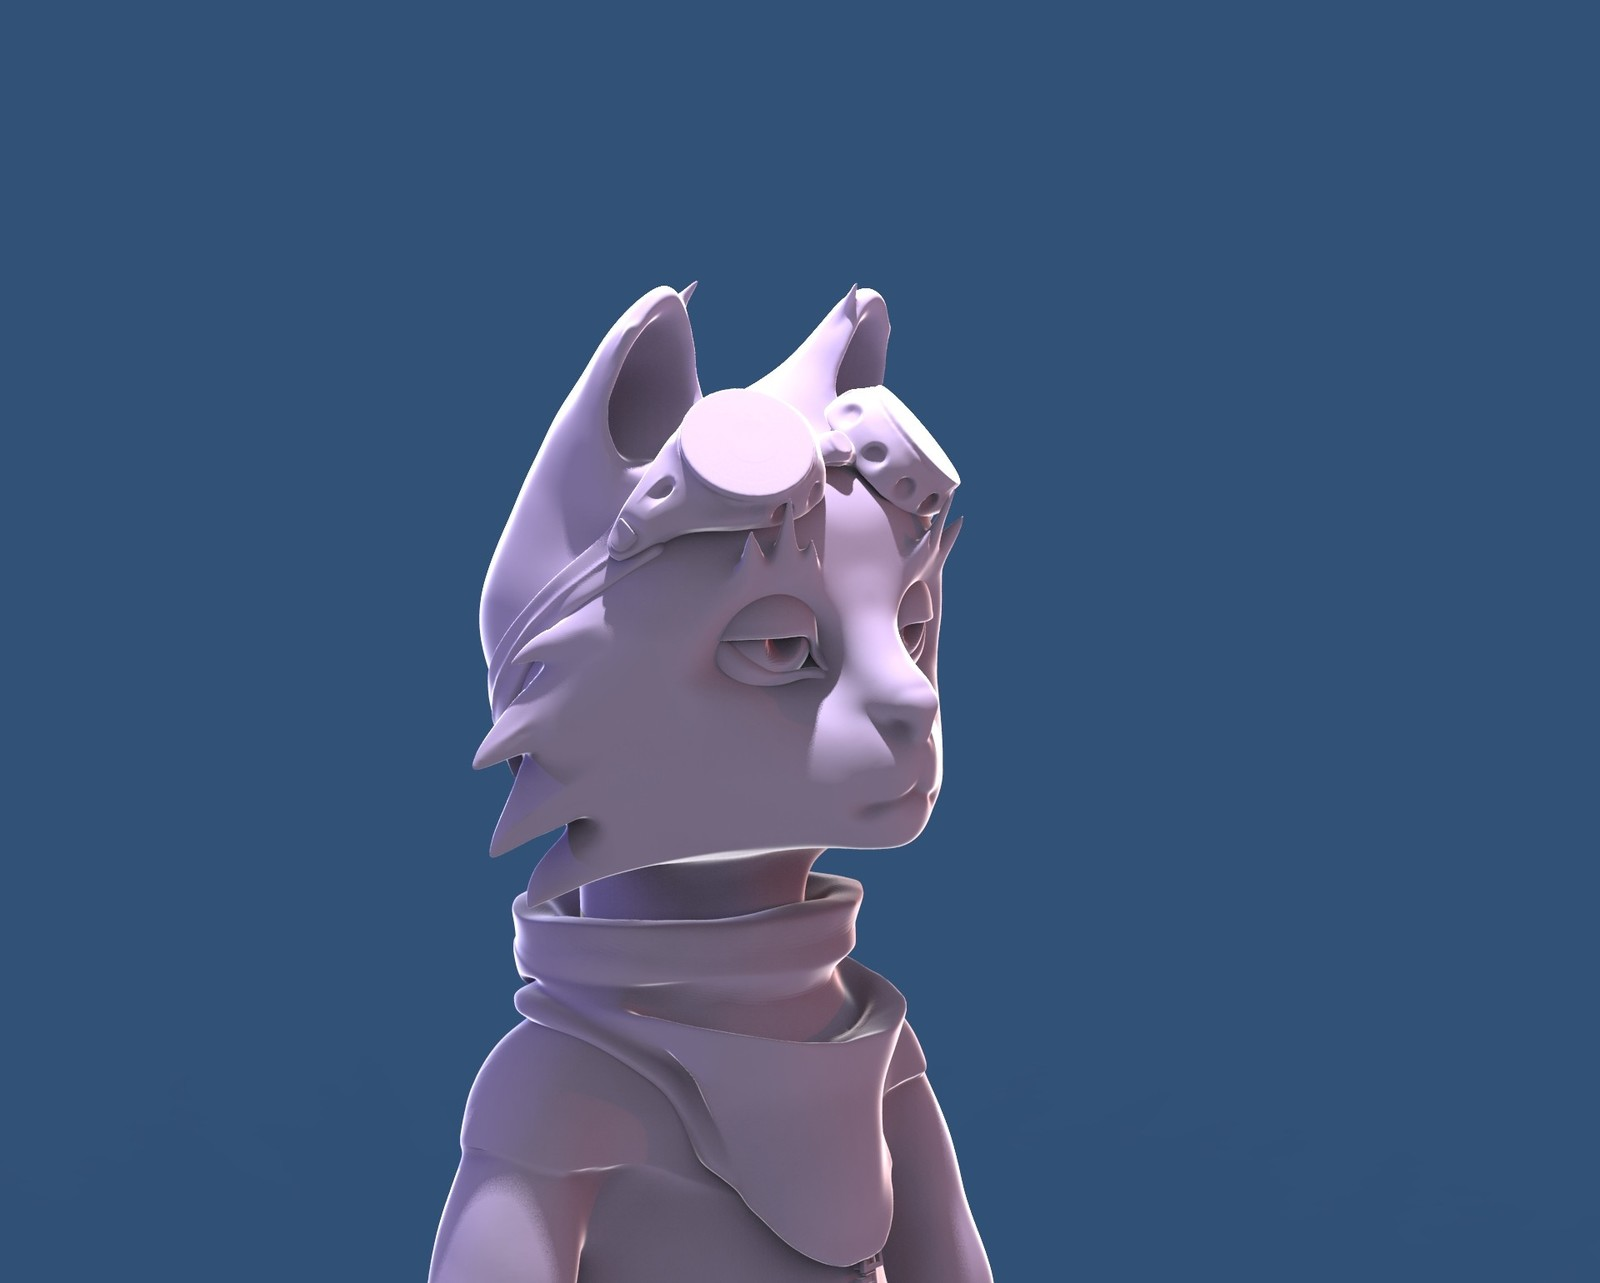 Cat pilot character sculpt